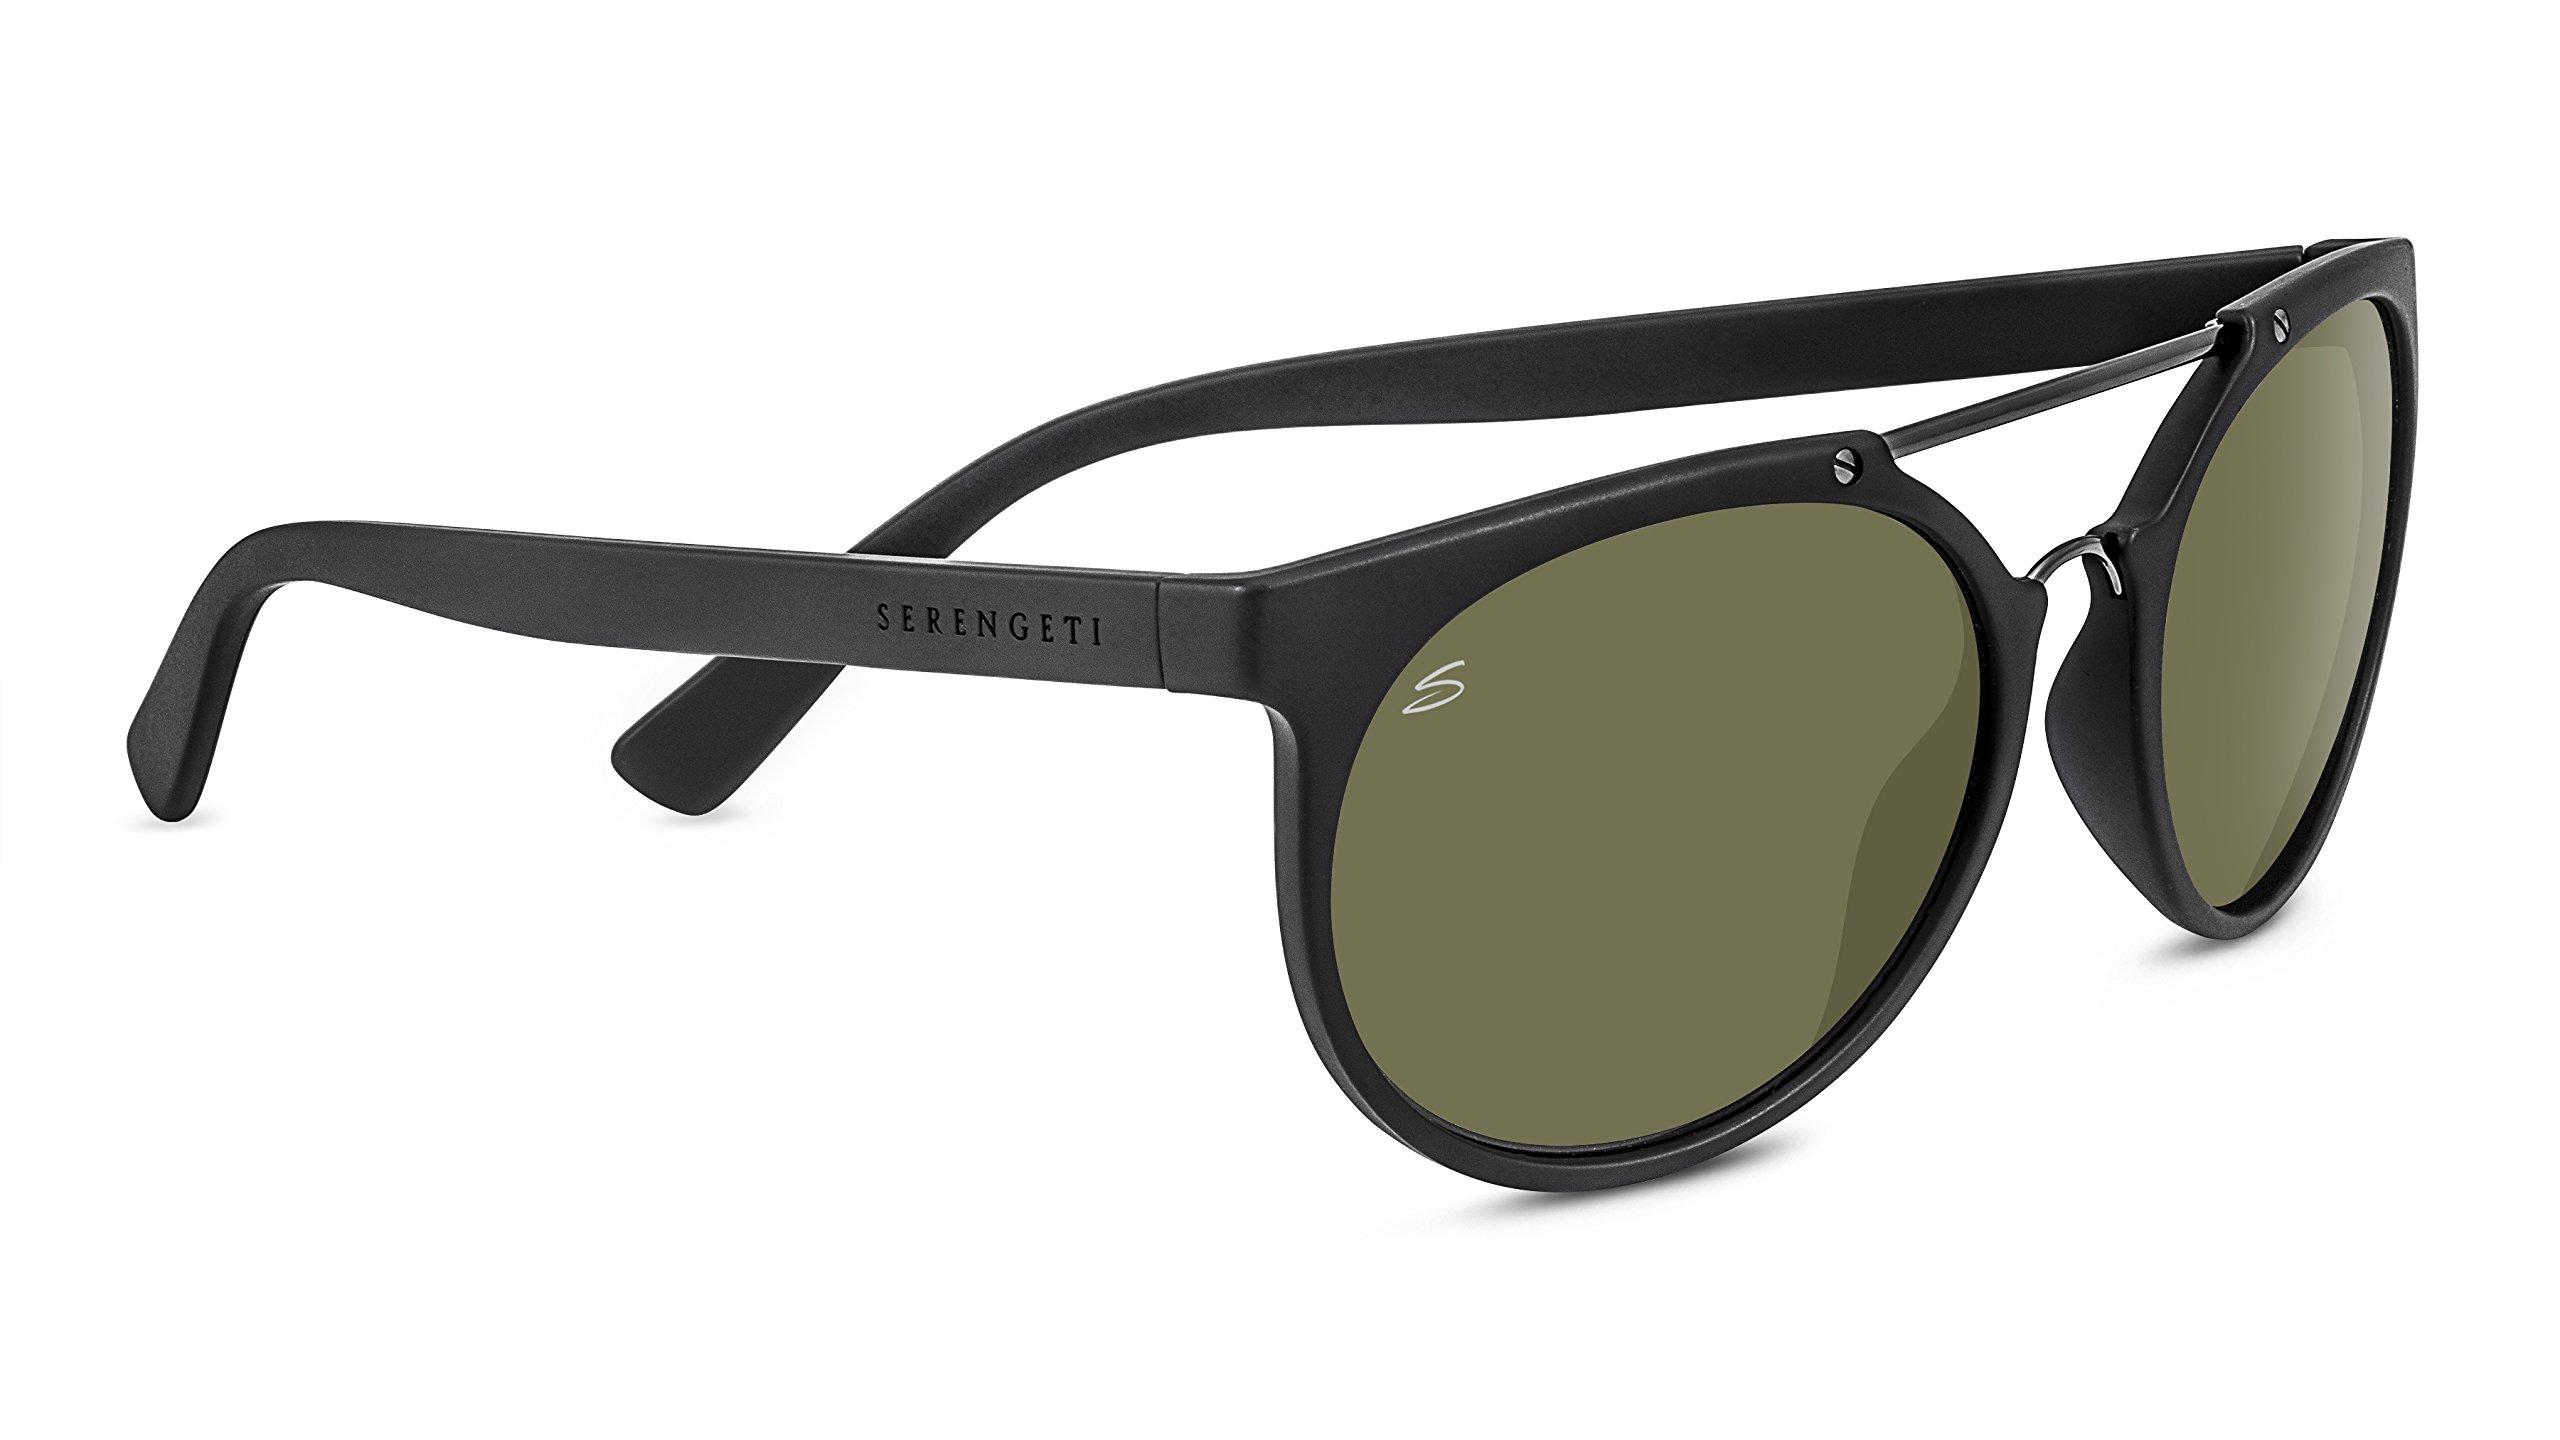 Serengeti 8348 Lerici Polarized 555NM Sunglasses, Satin Black by Serengeti (Image #1)